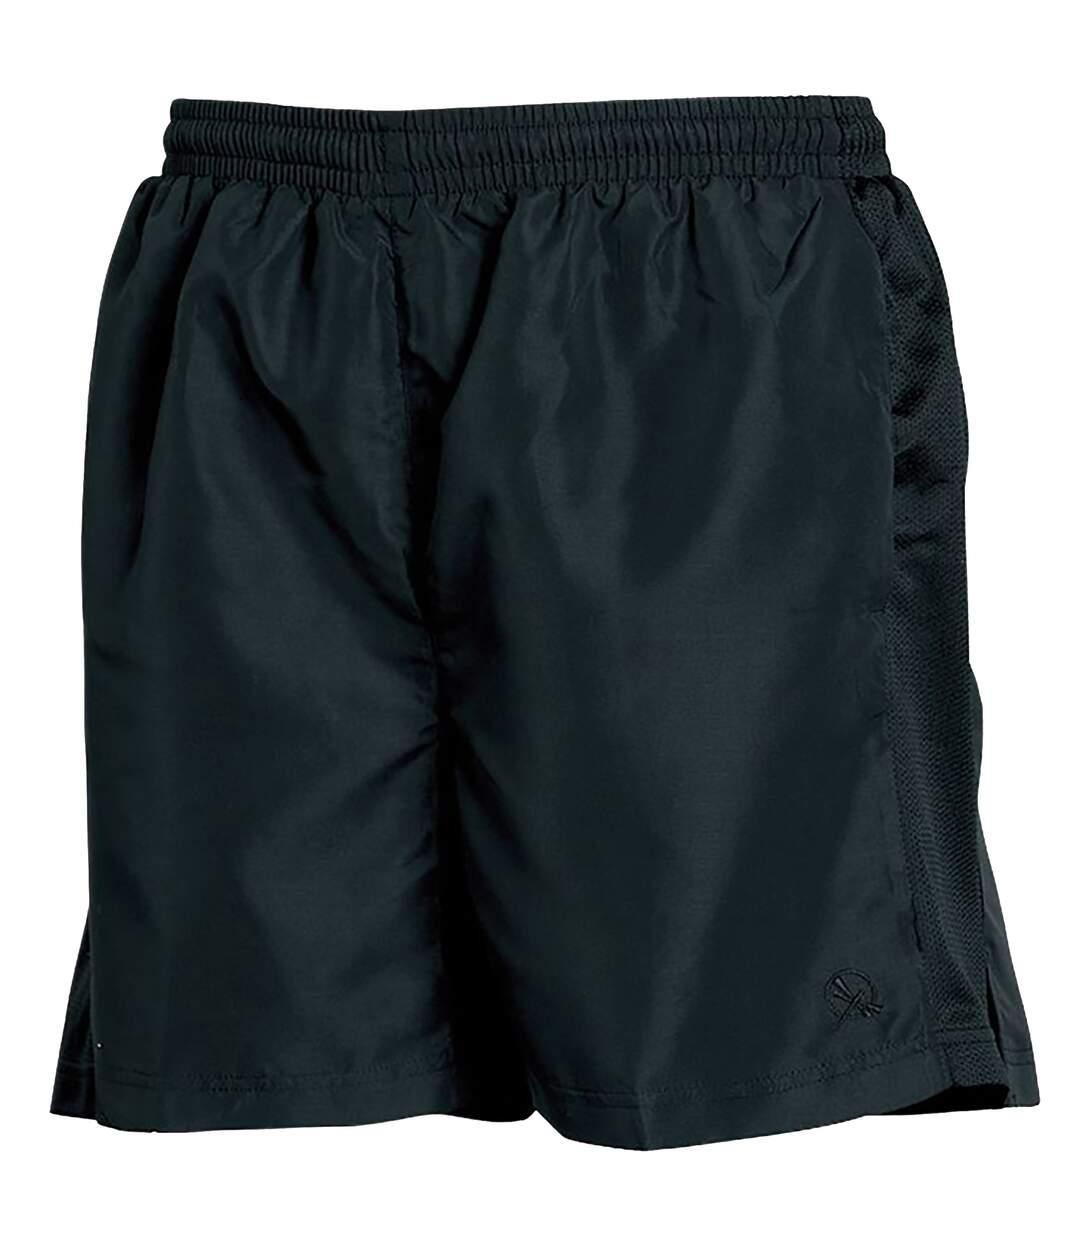 Tombo Teamsport - Short de sport - Homme (Noir) - UTRW1546